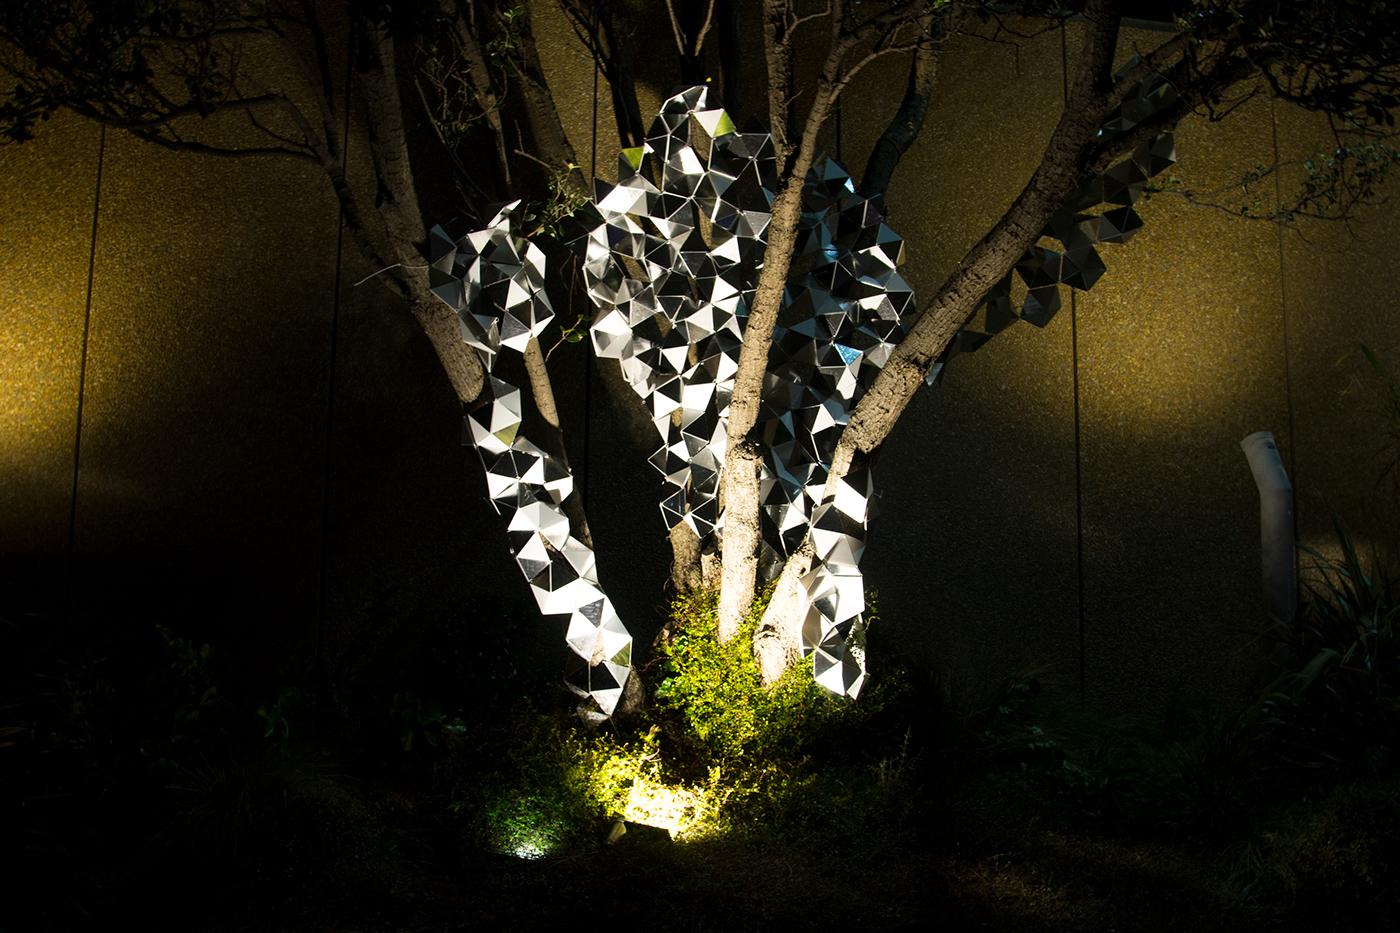 LUX - Light Festival Installation - LIGHT DESIGN